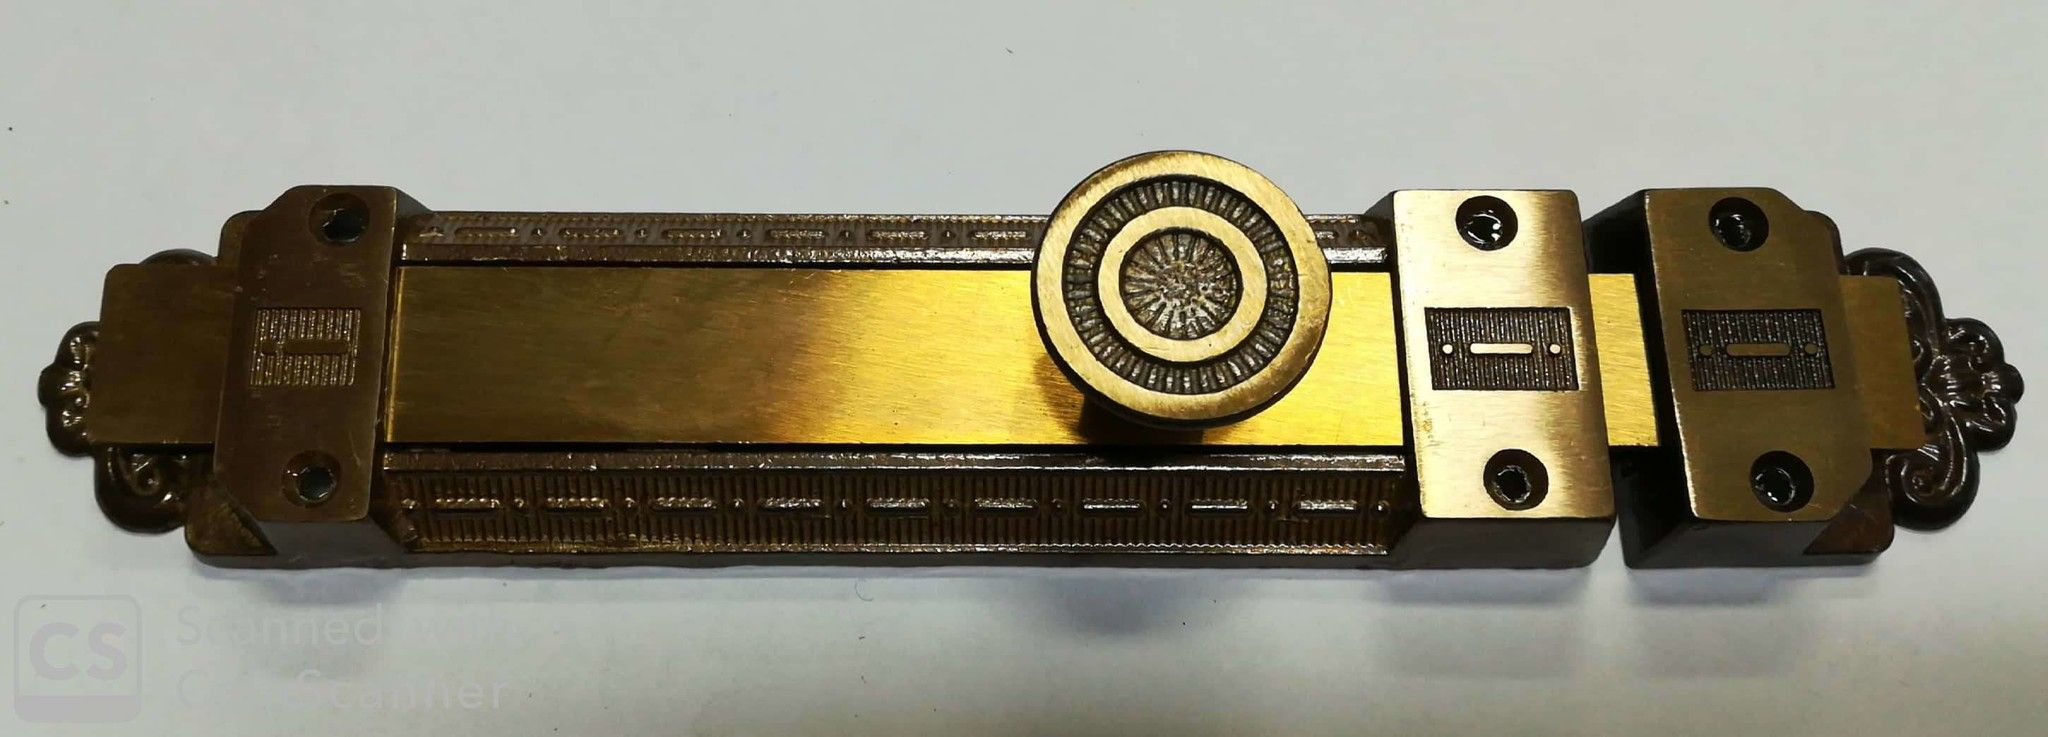 Catenaccio mod. DABY mm 200 in ottone bronzato